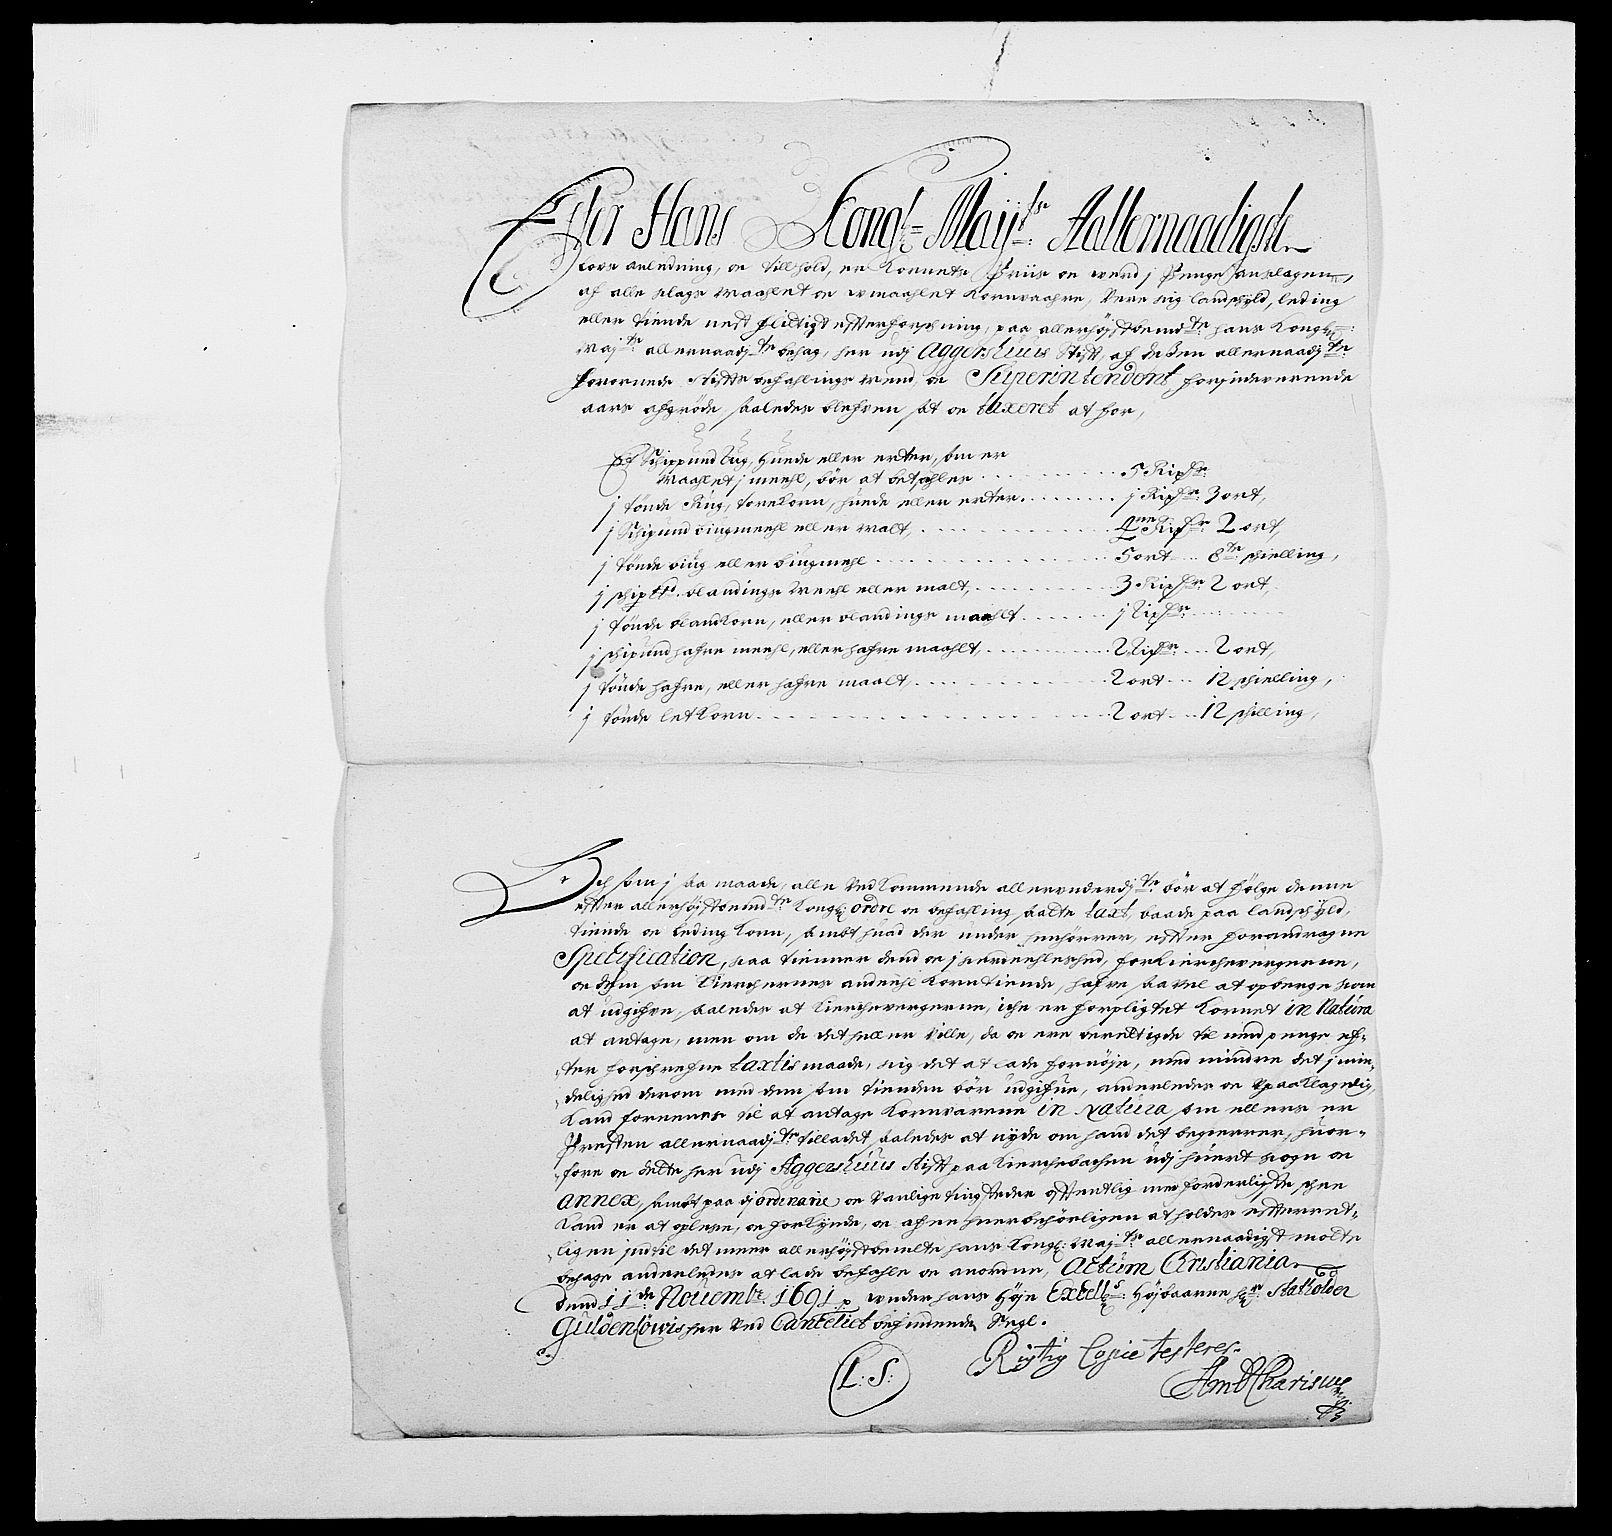 RA, Rentekammeret inntil 1814, Reviderte regnskaper, Fogderegnskap, R01/L0010: Fogderegnskap Idd og Marker, 1690-1691, s. 314